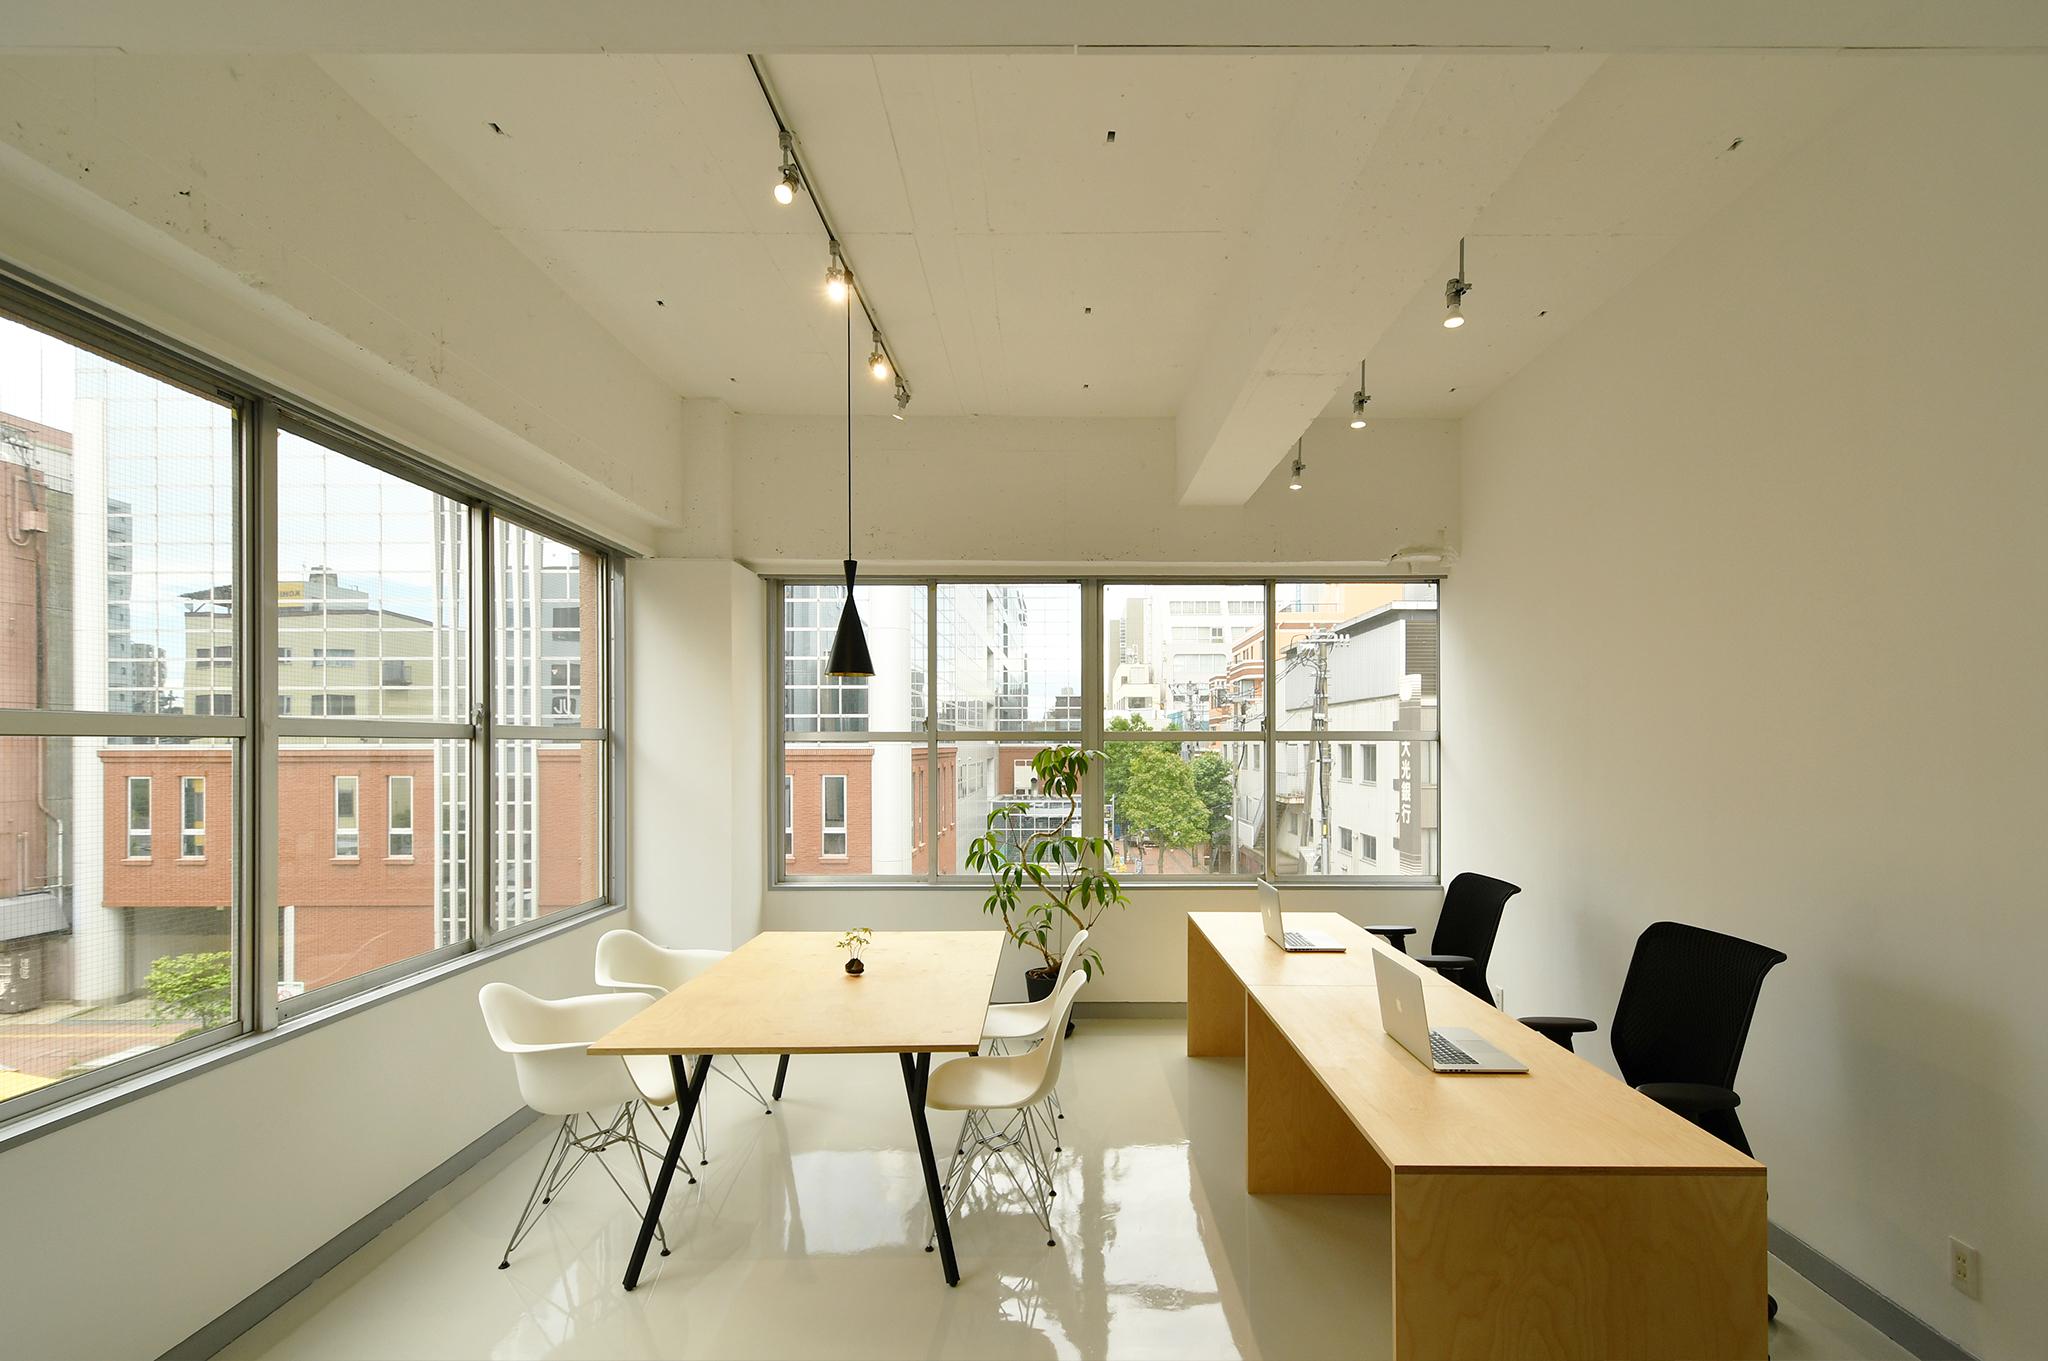 新潟市中央区西堀通のオフィス改装後1